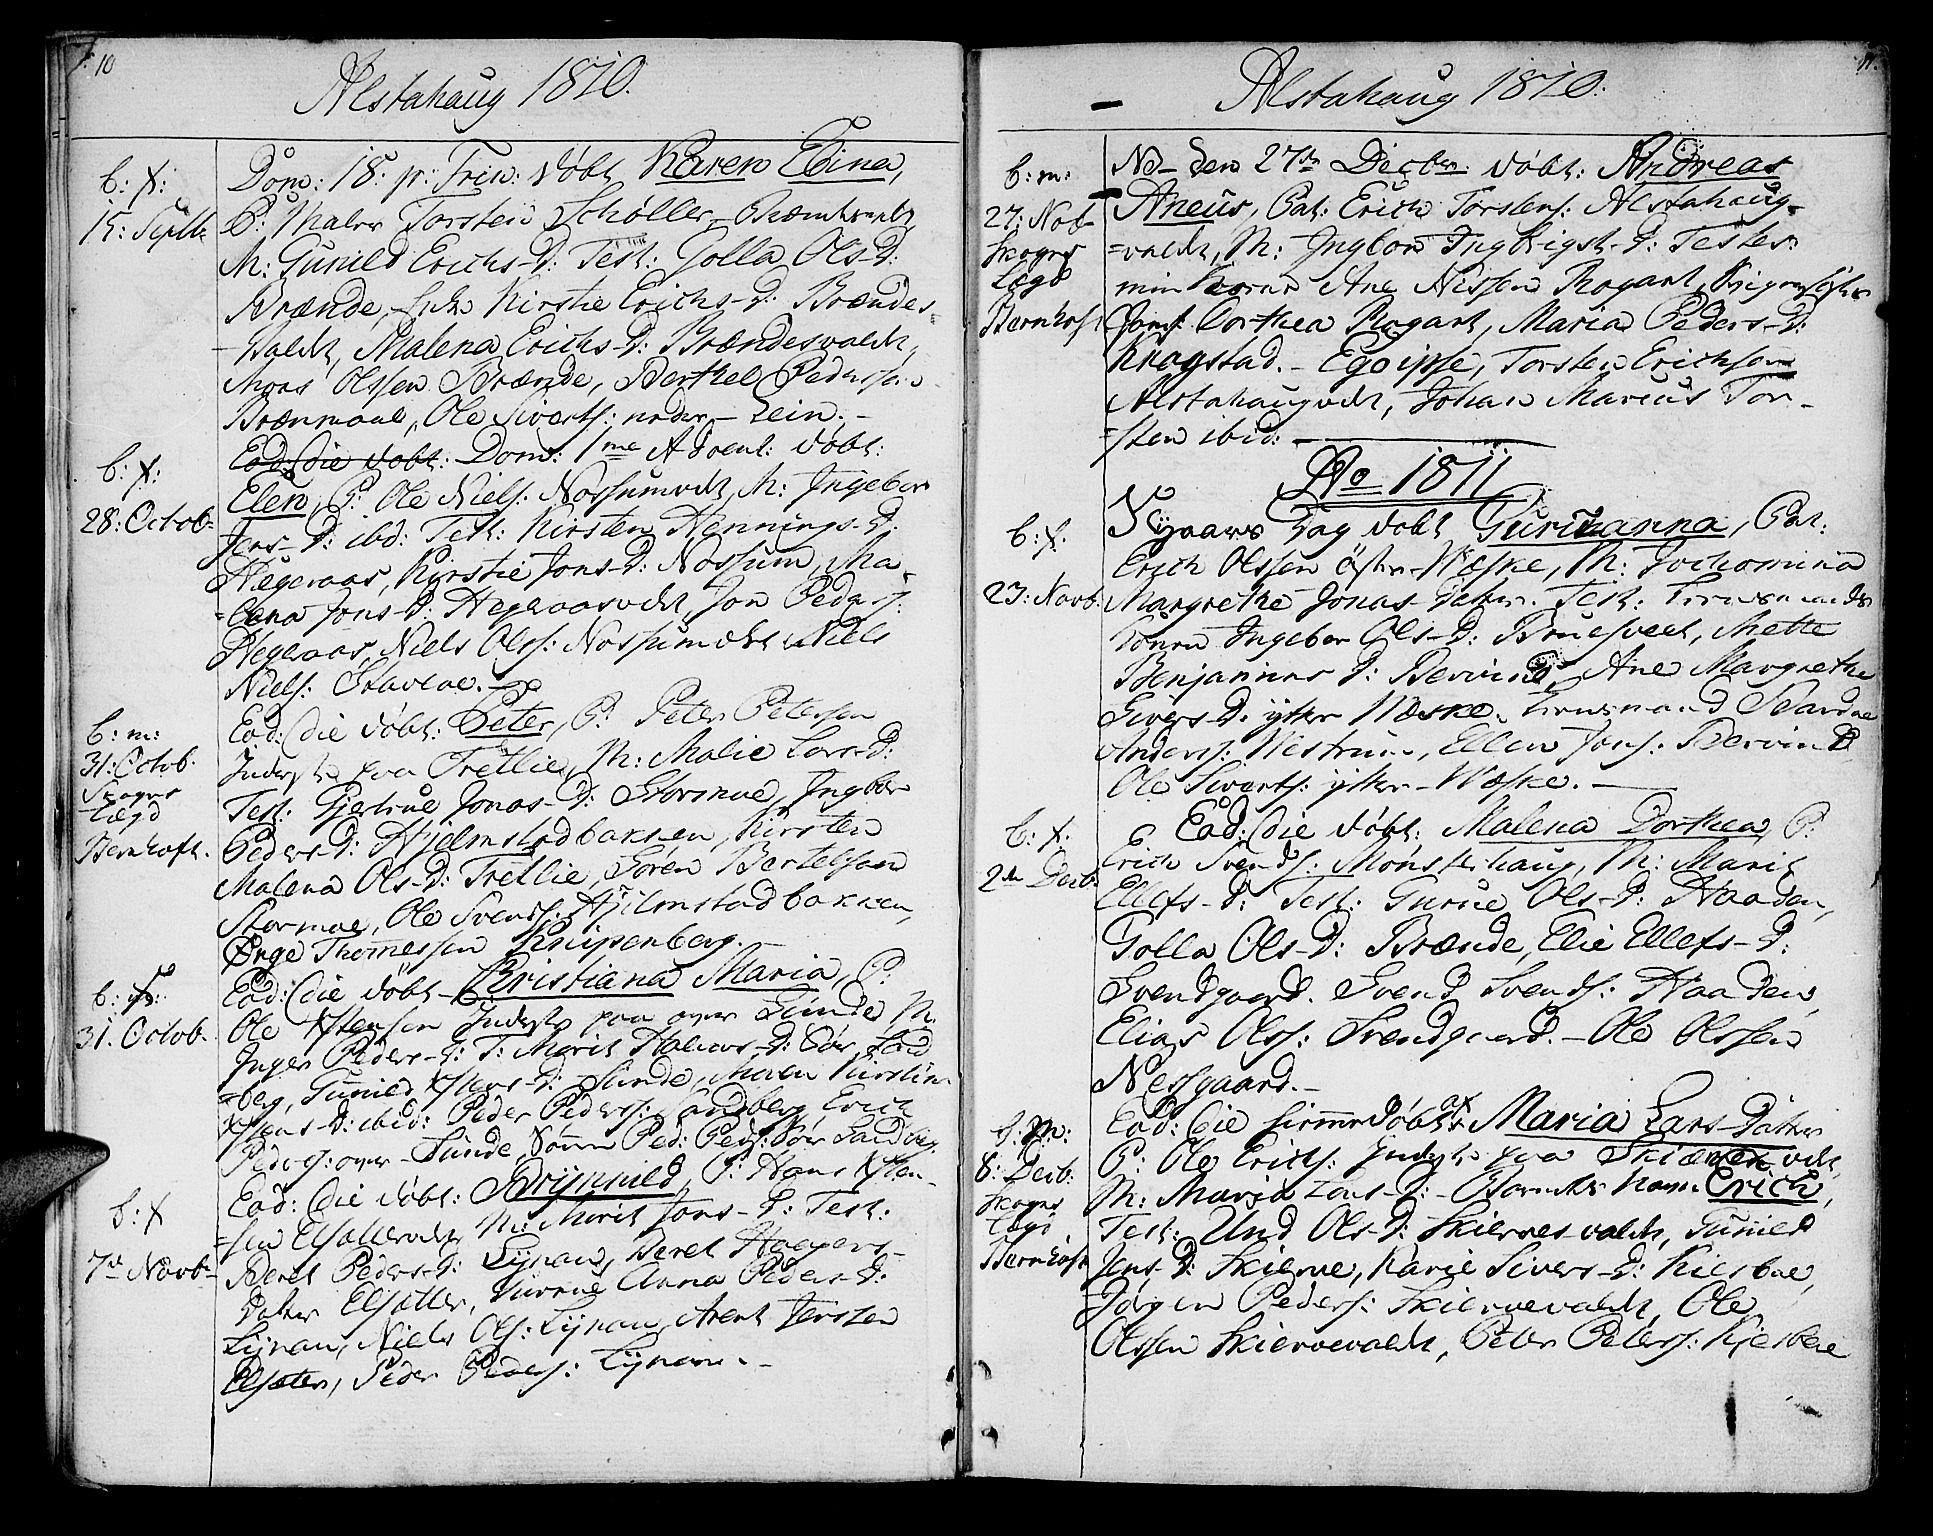 SAT, Ministerialprotokoller, klokkerbøker og fødselsregistre - Nord-Trøndelag, 717/L0145: Ministerialbok nr. 717A03 /1, 1810-1815, s. 10-11